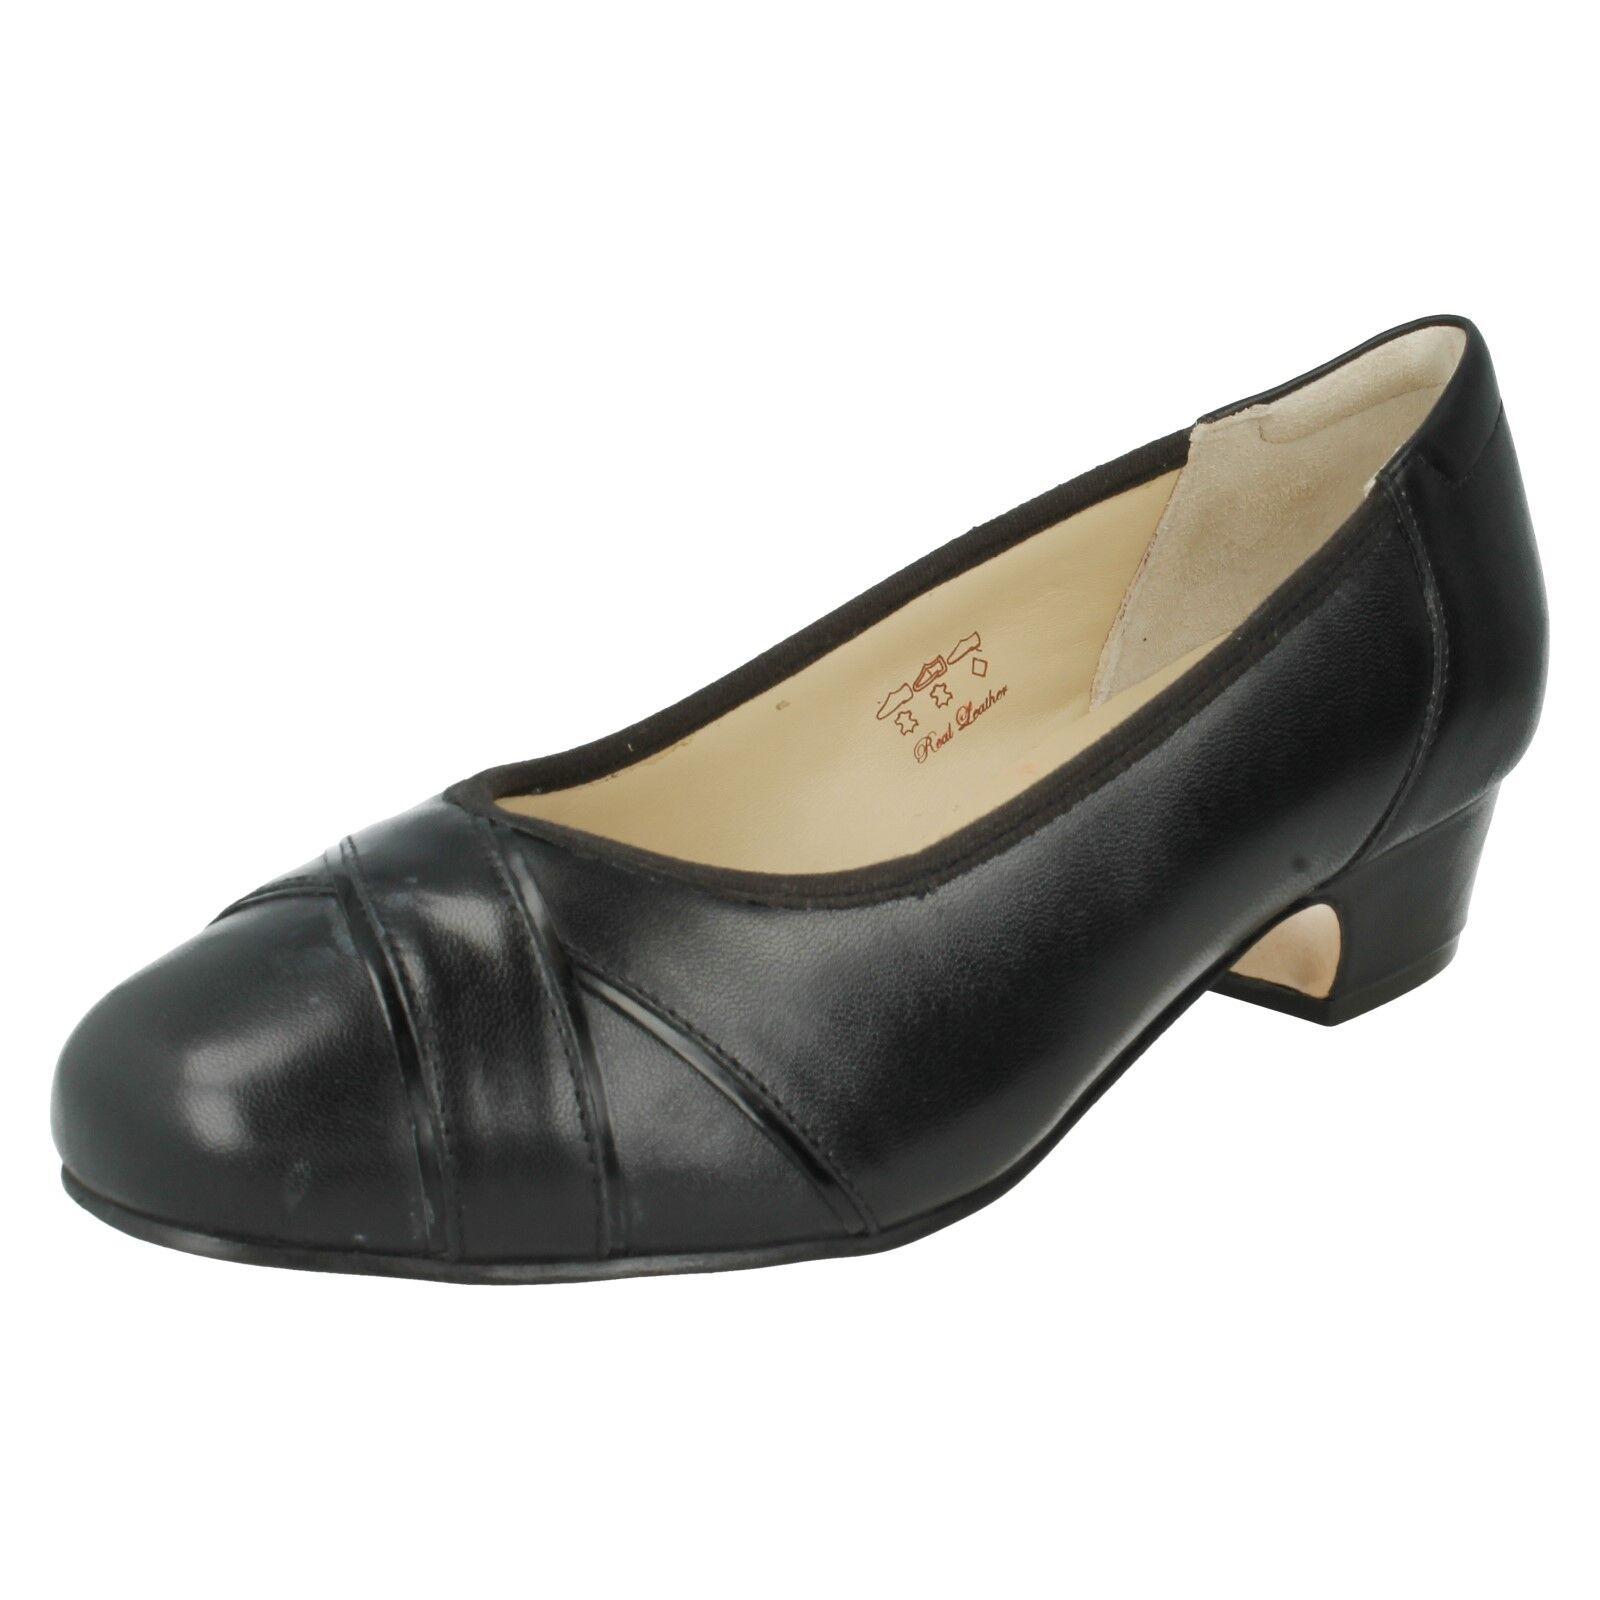 Equity para Dama Al Talón Tacón sin sin sin Cordones Zapatos de Salón Cuero 4E Fit  Todo en alta calidad y bajo precio.